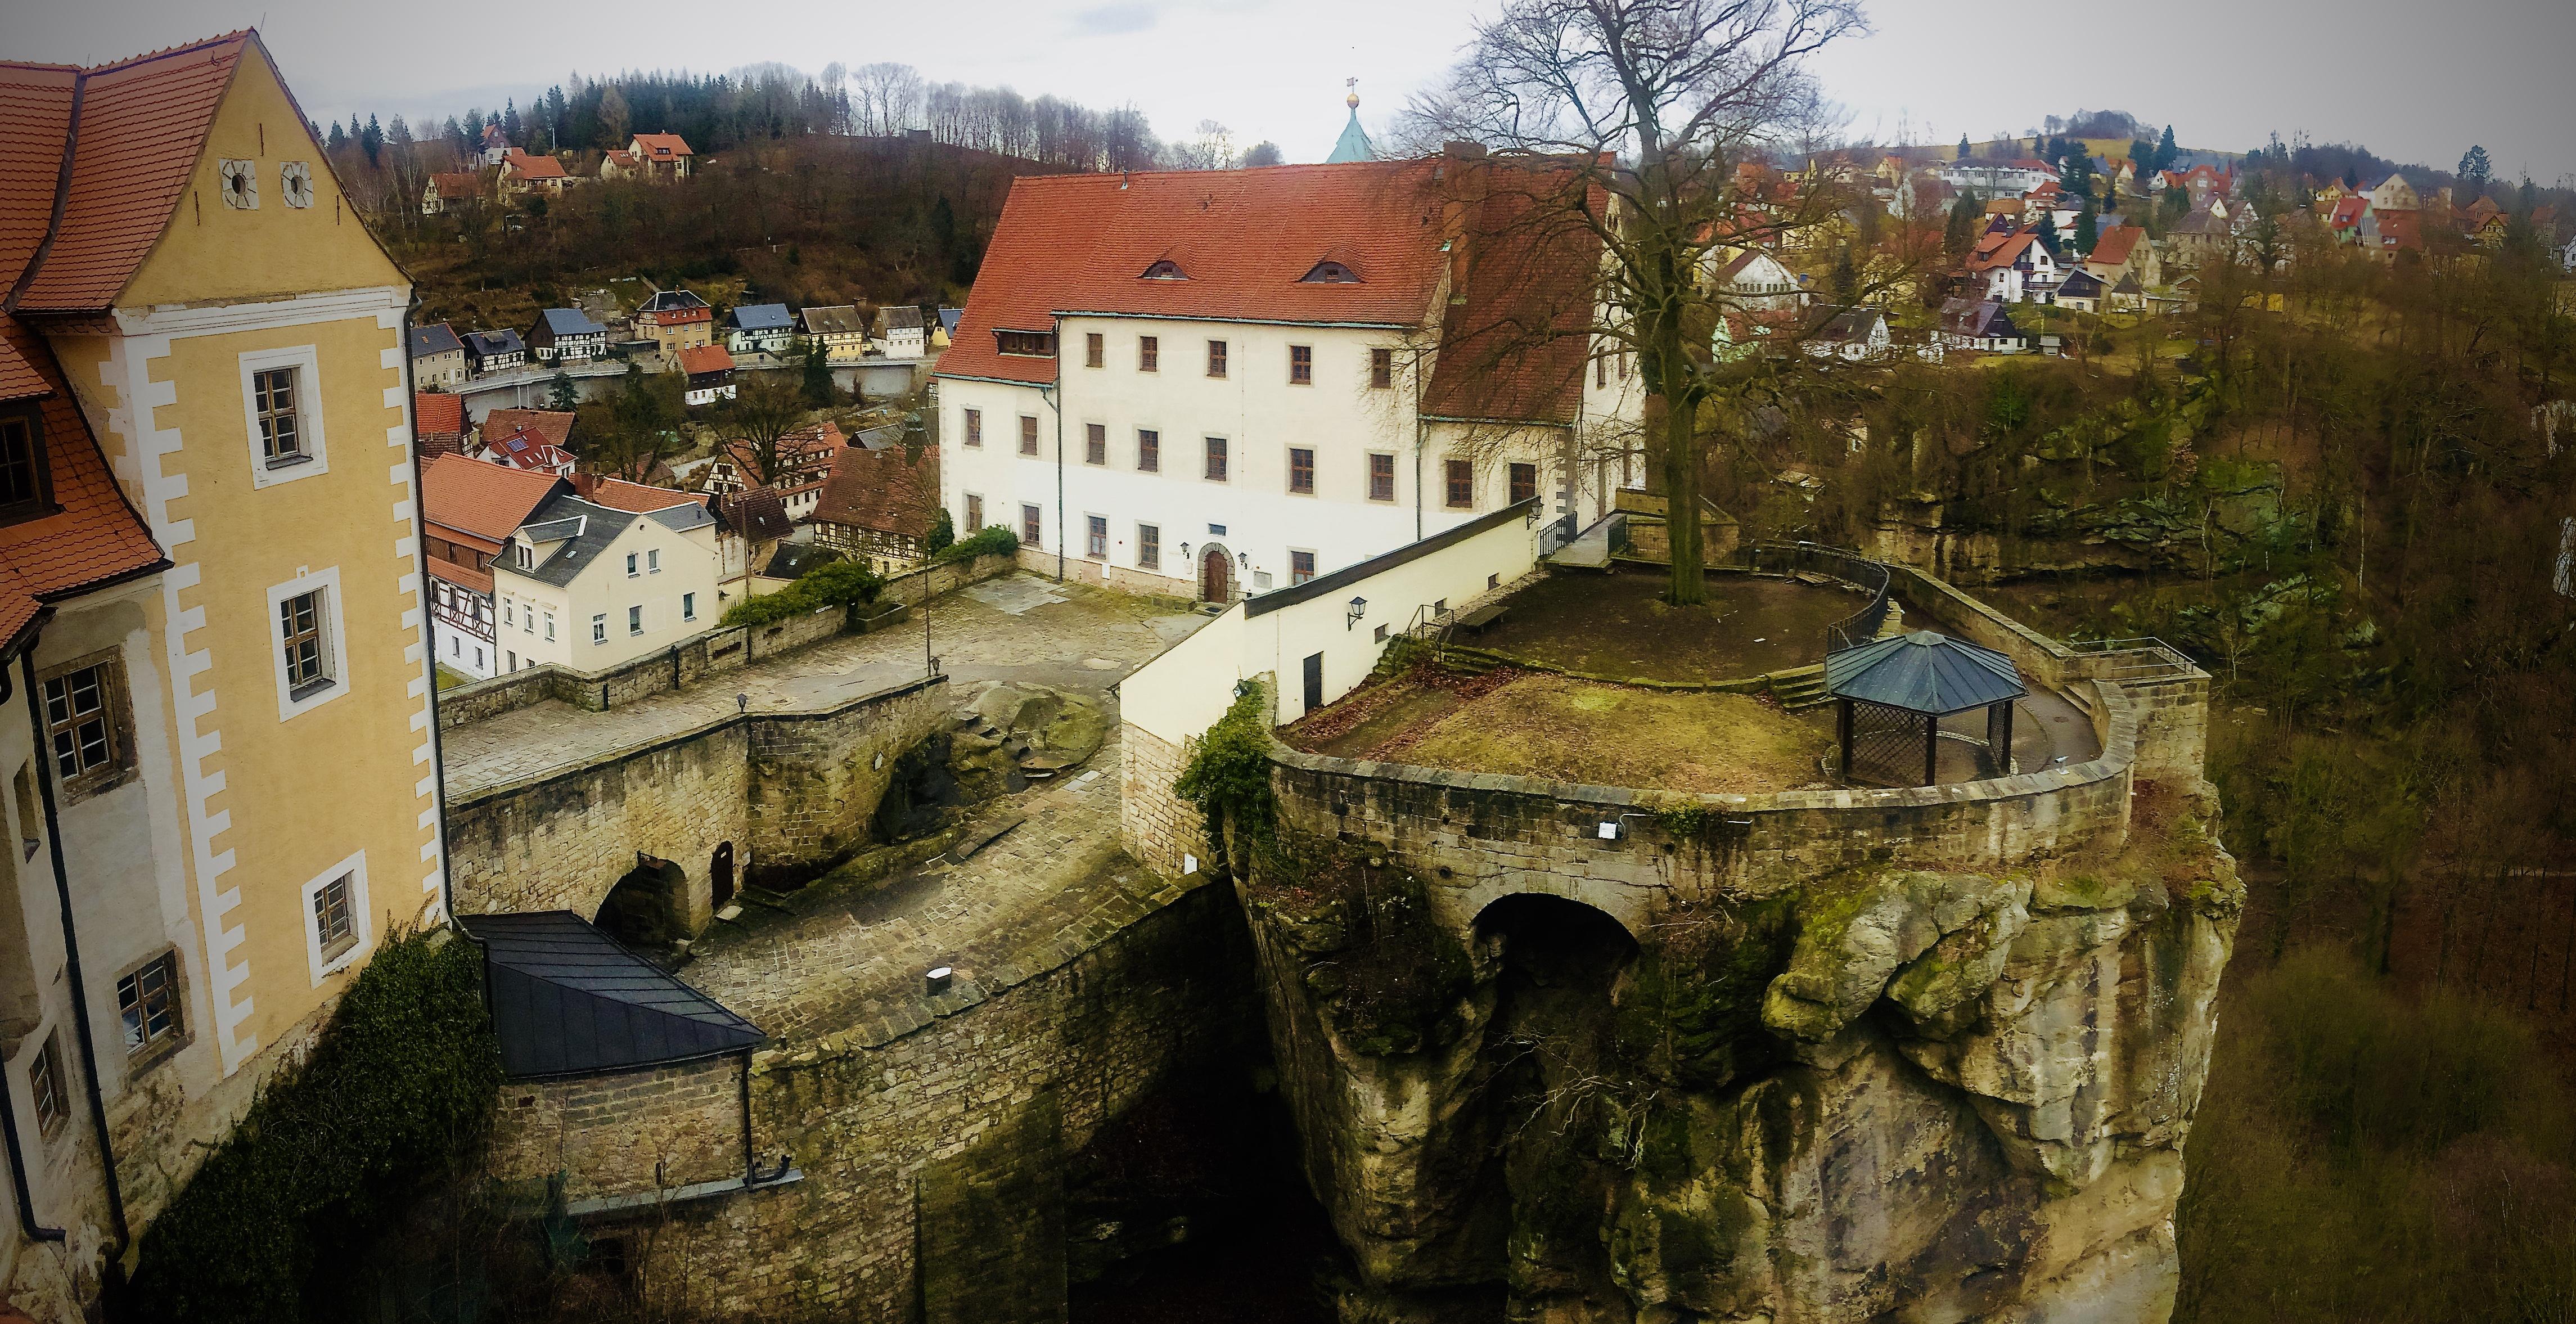 Burg Hohnstein Sächsische Schweiz Malerweg